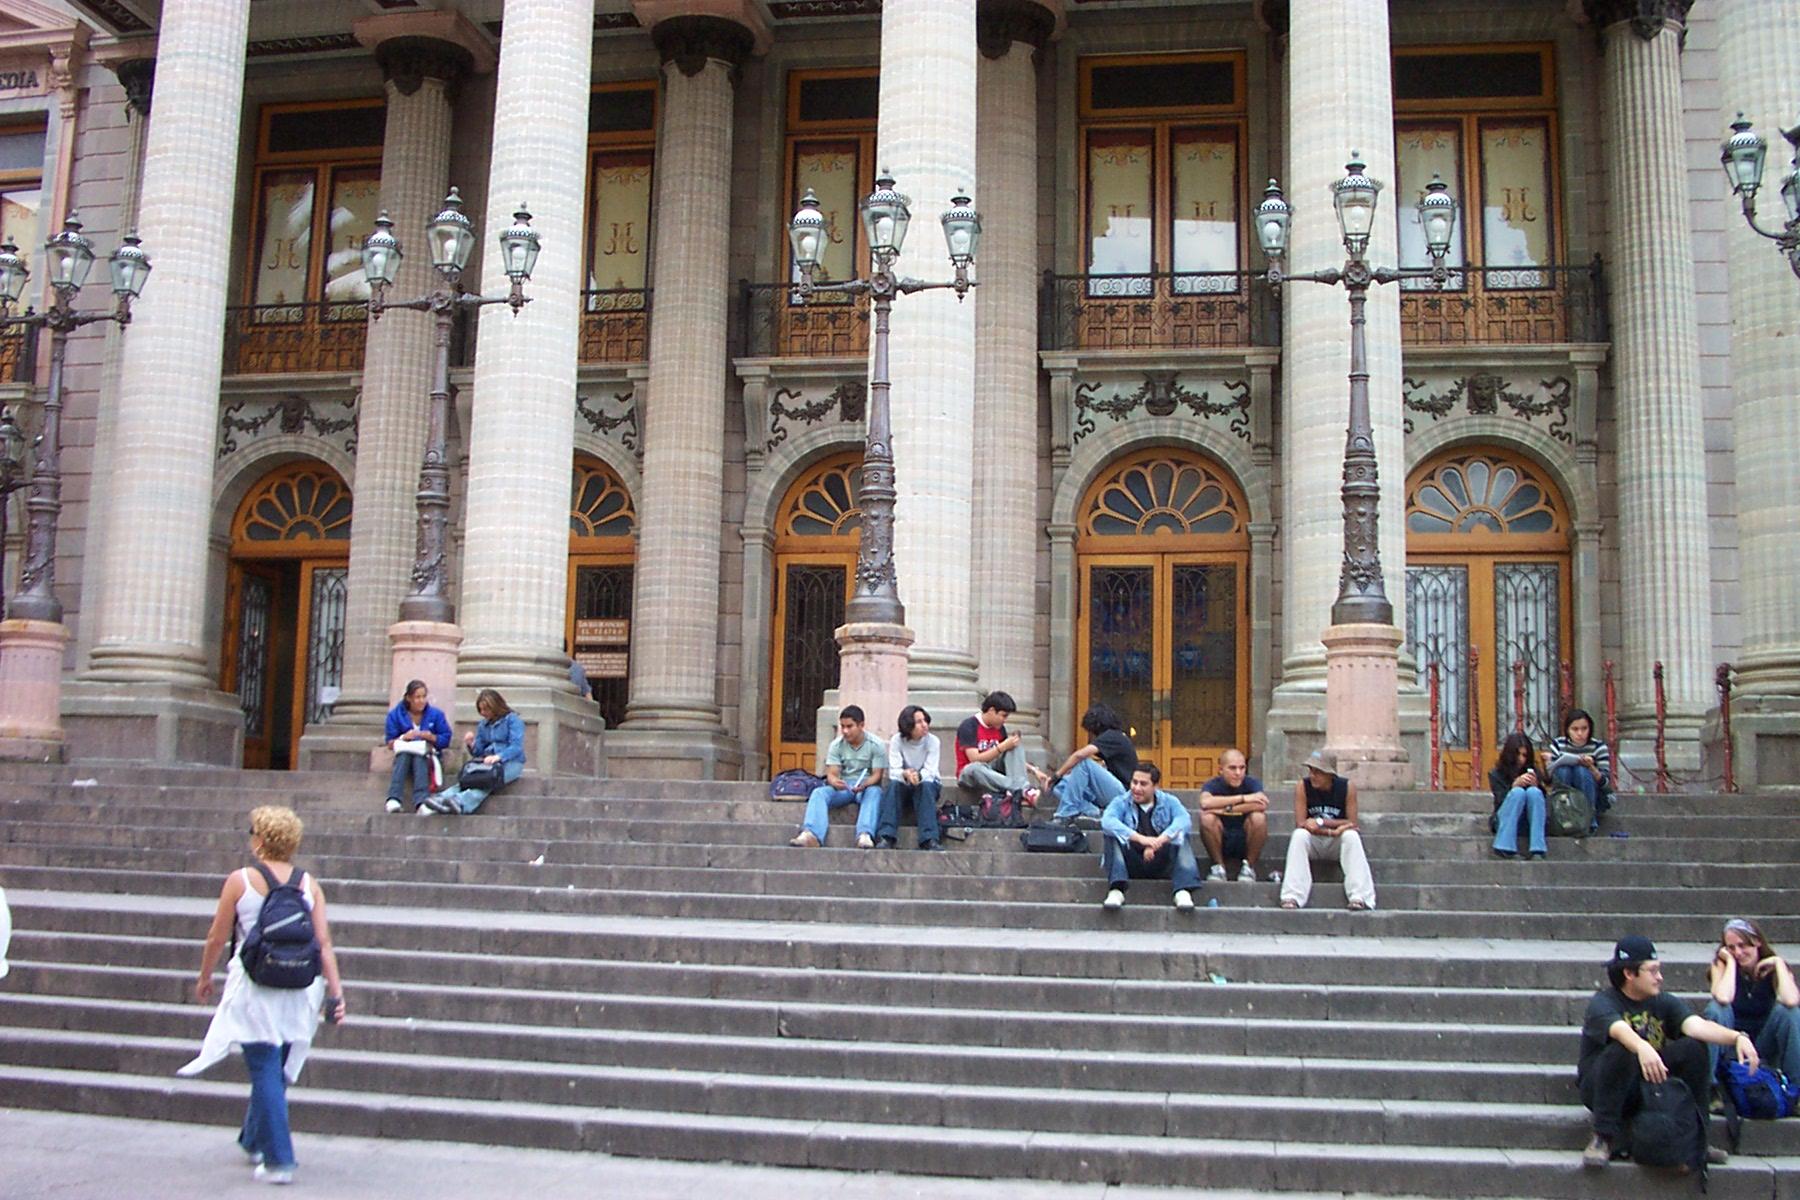 teatro-juarez-guanajuato-mexico